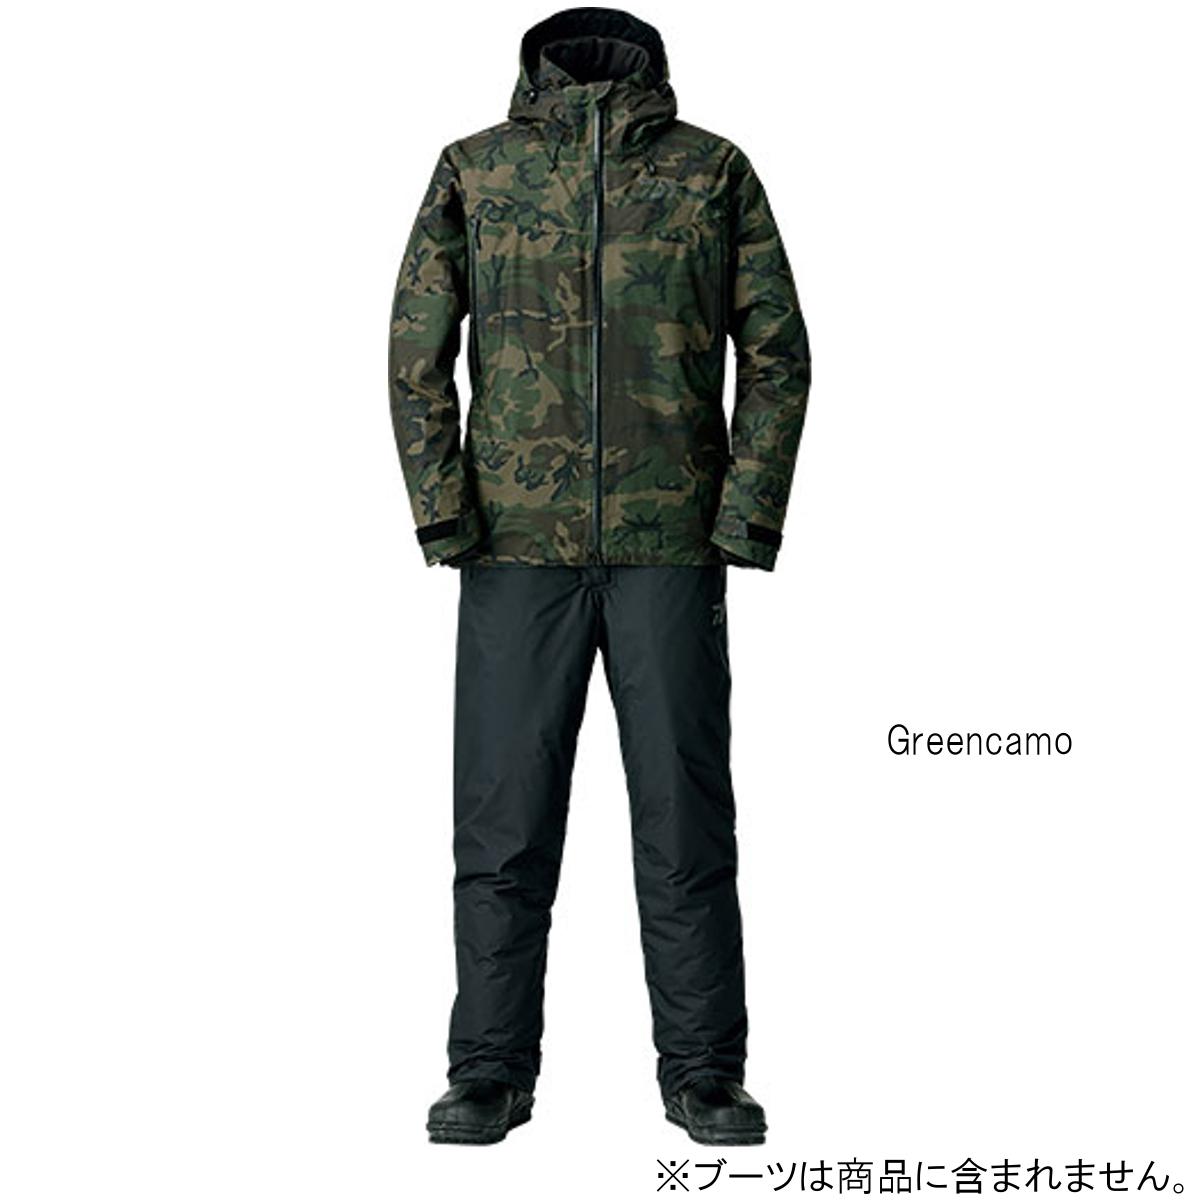 ダイワ レインマックス ウィンタースーツ DW-3108 XL Greencamo(東日本店)